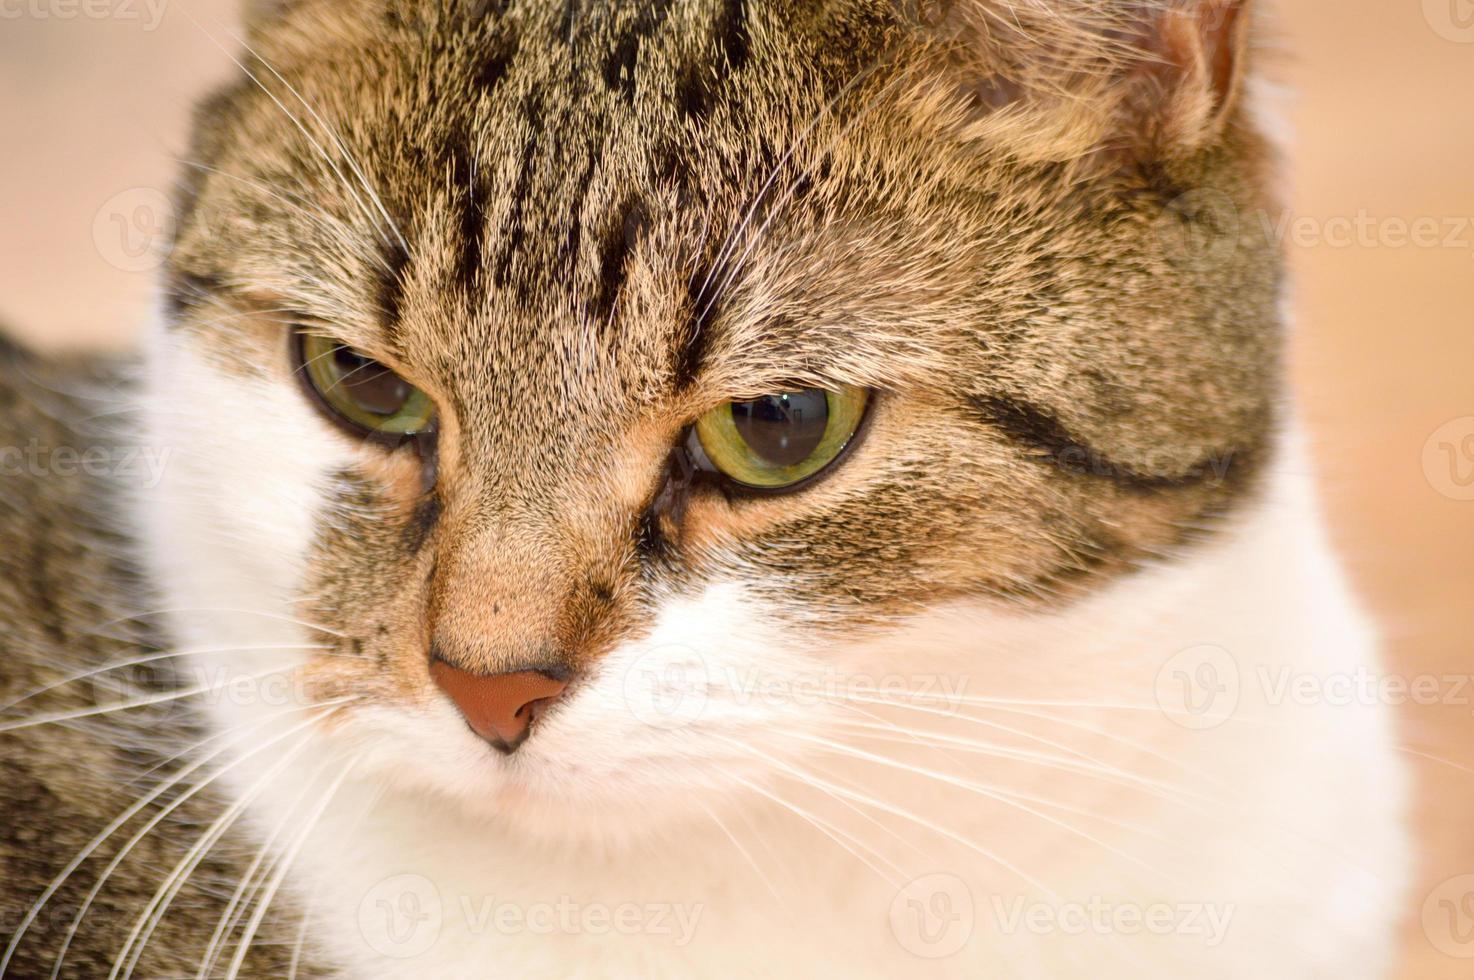 Tabby-Katzenporträt foto